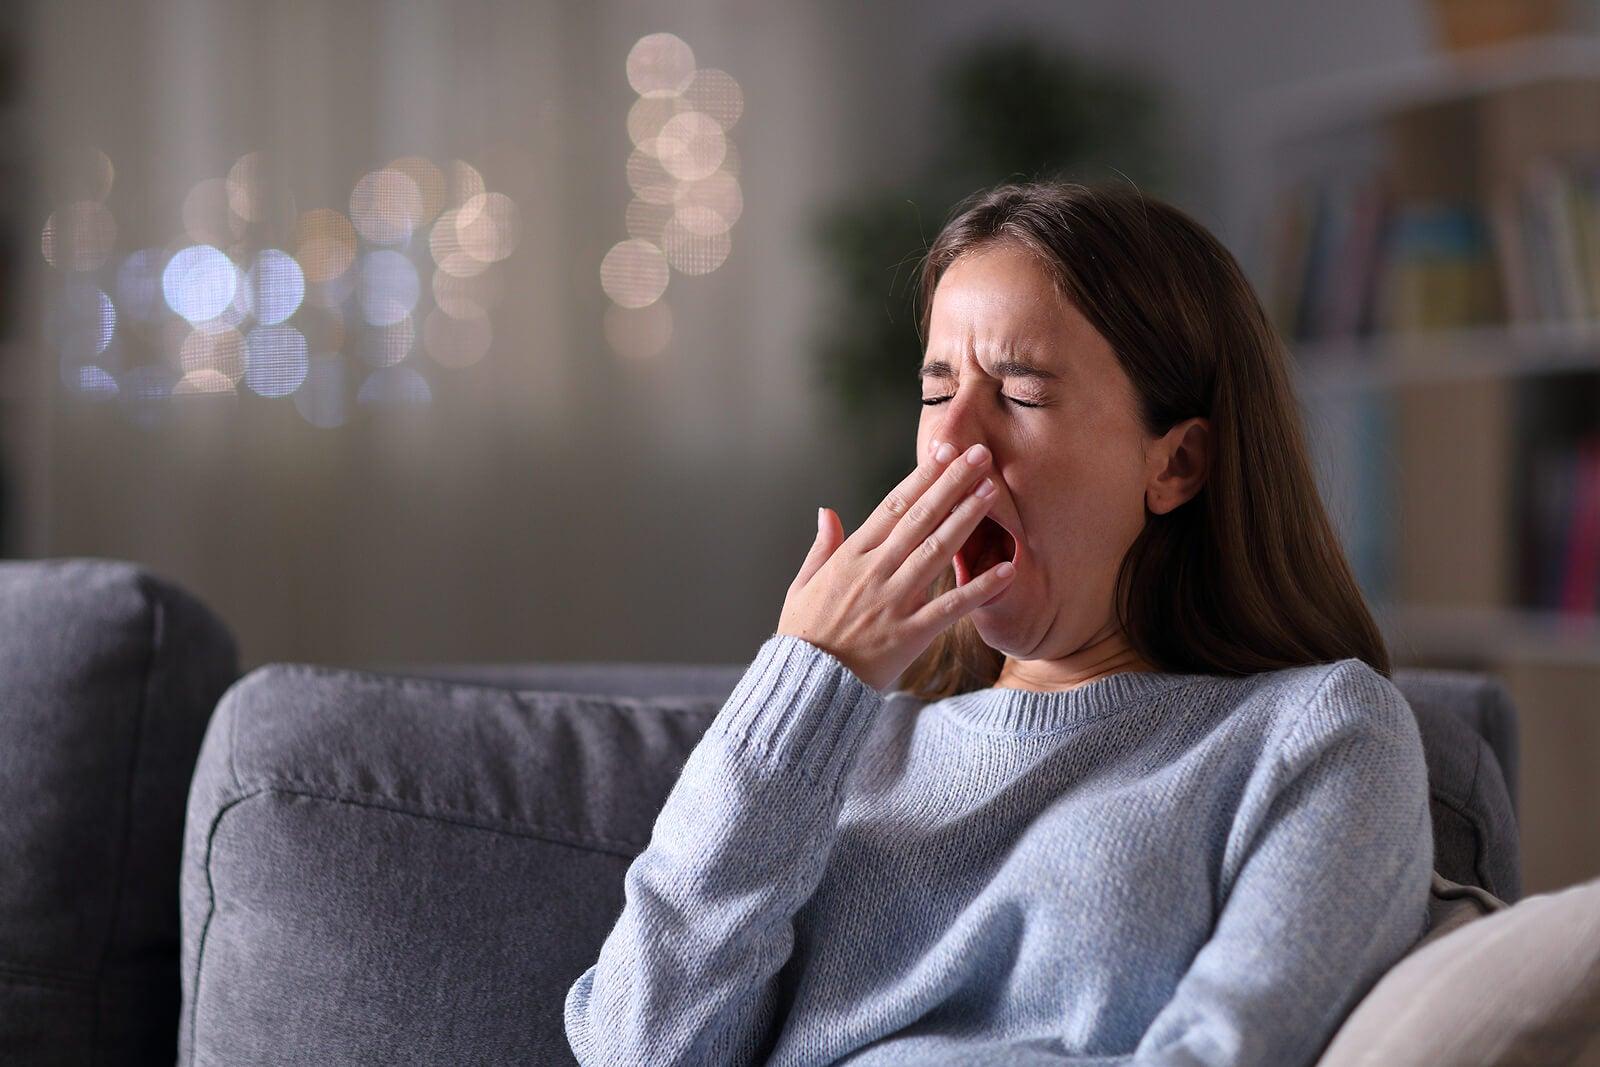 Chica adolescente bostezando debido a que sufre el síndrome de fatiga crónica.